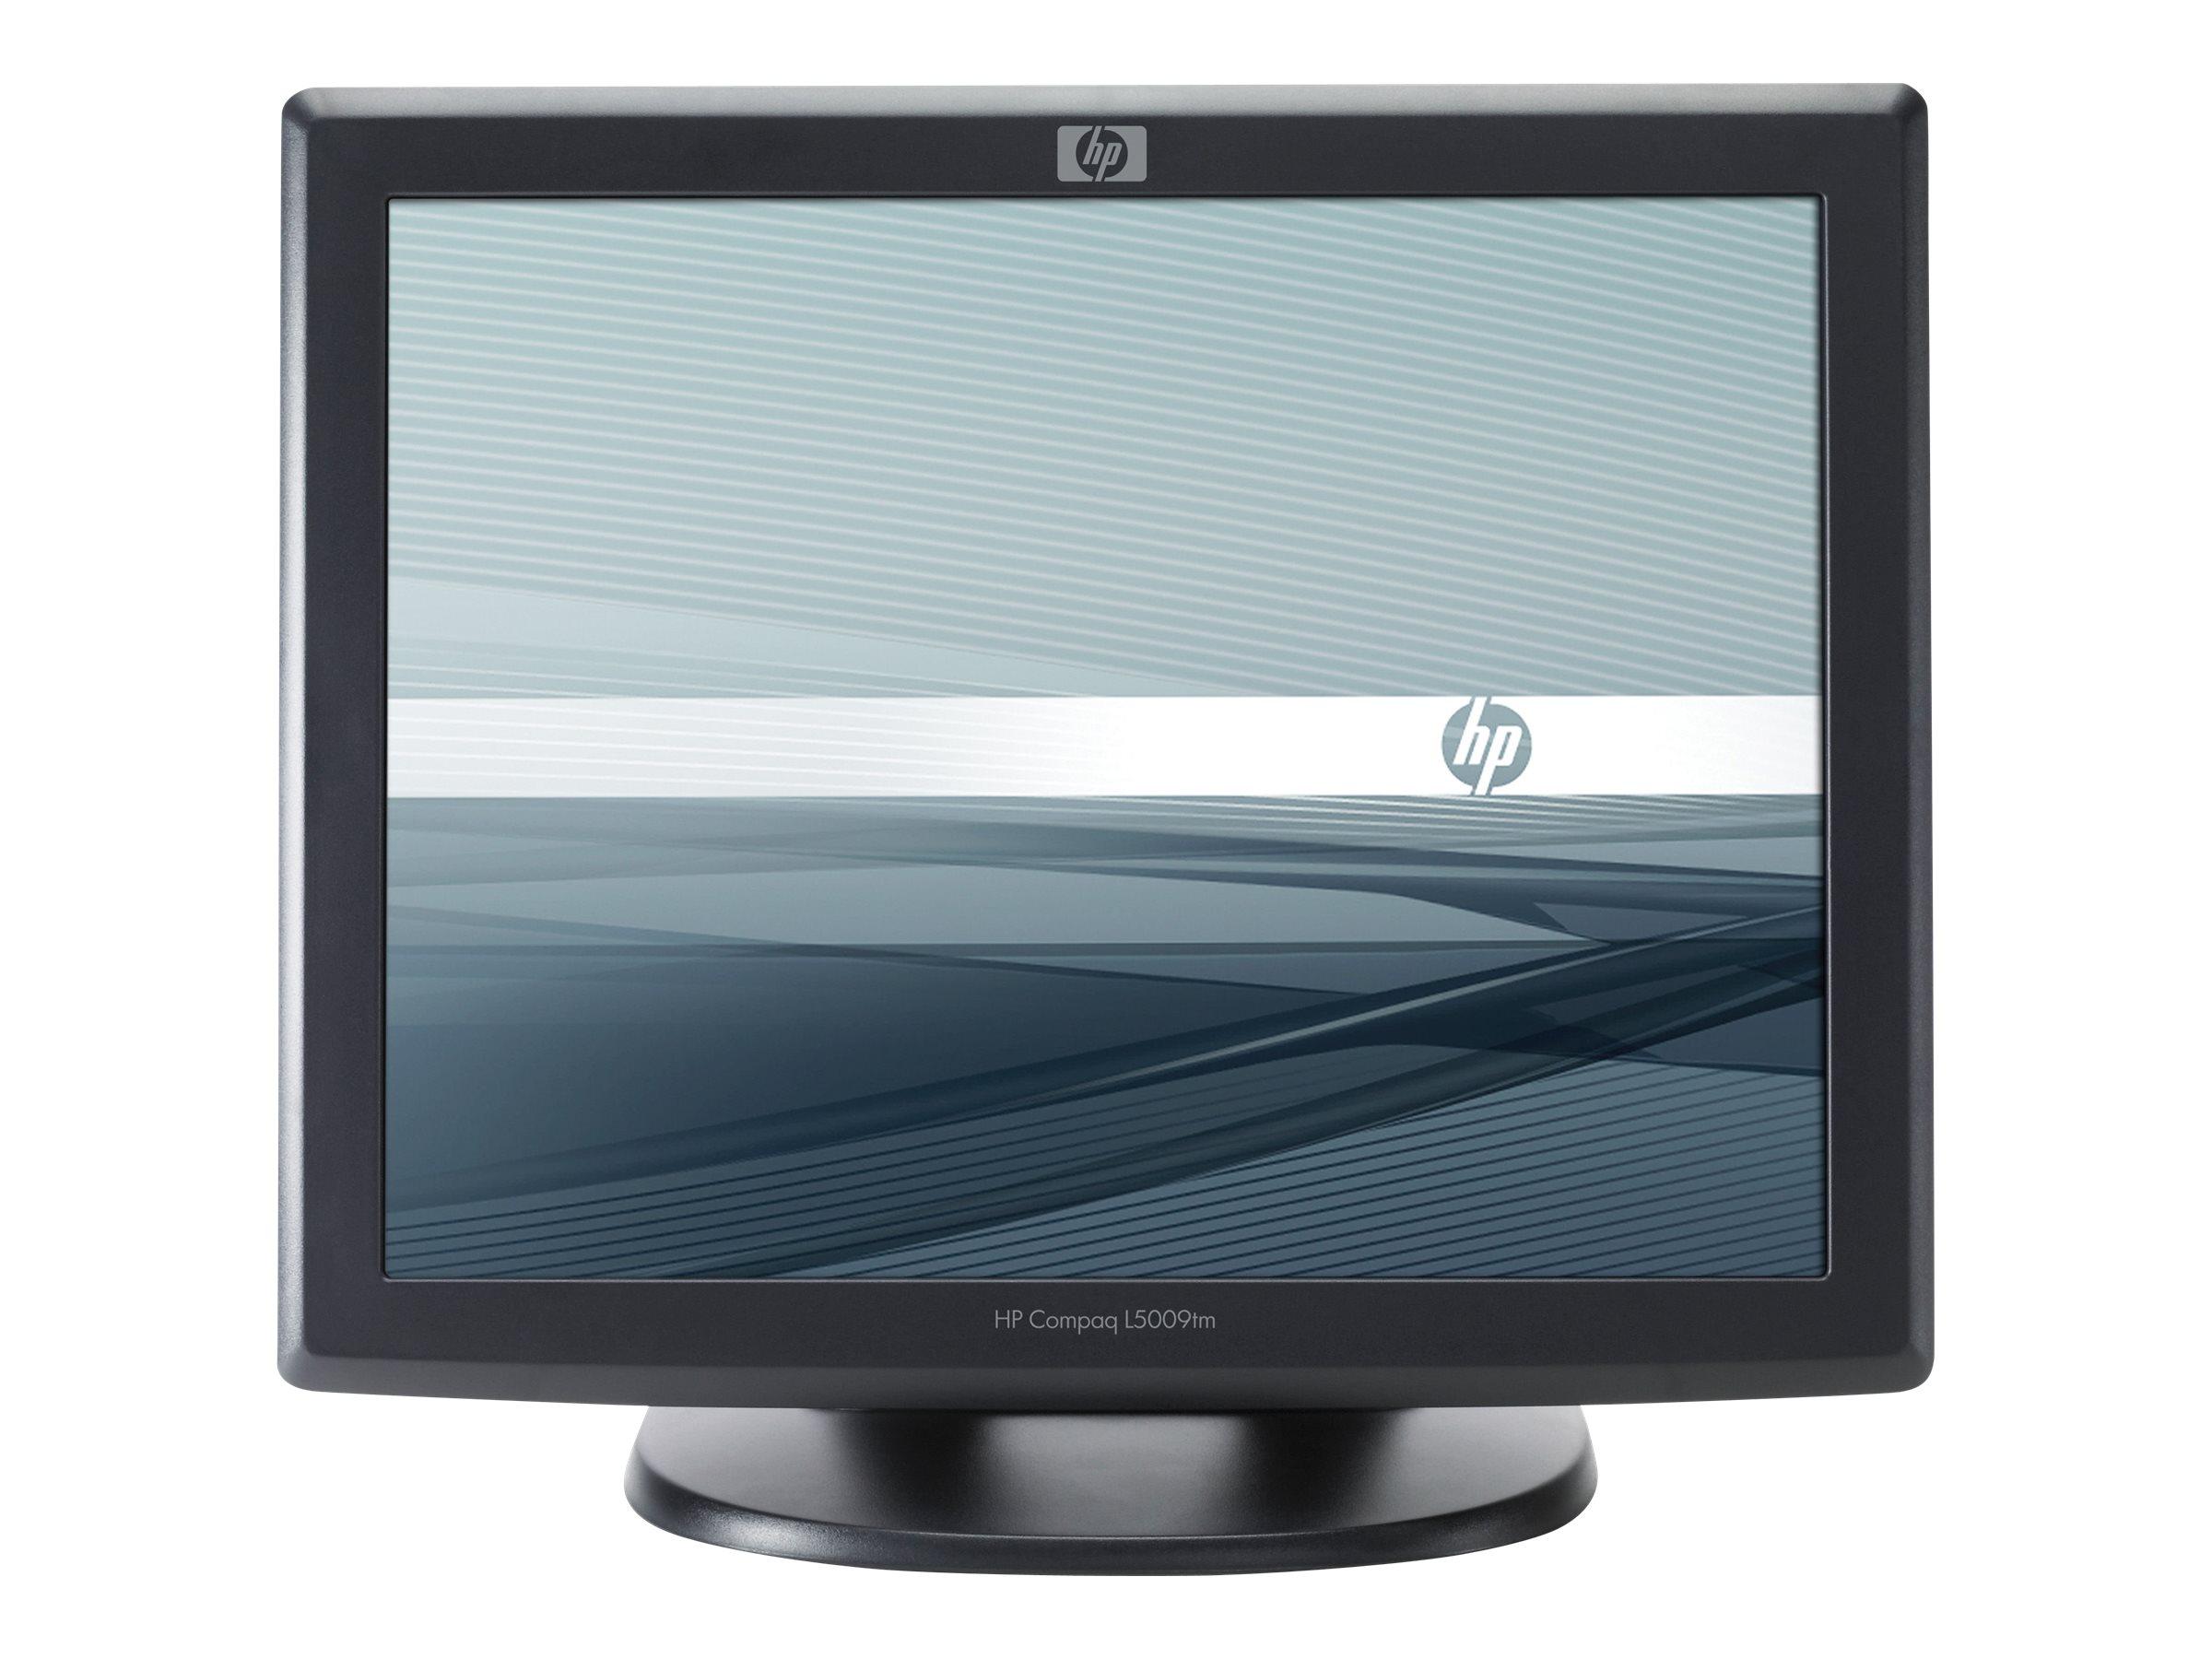 HP Compaq L5009tm - LCD-Monitor - 38.1 cm (15